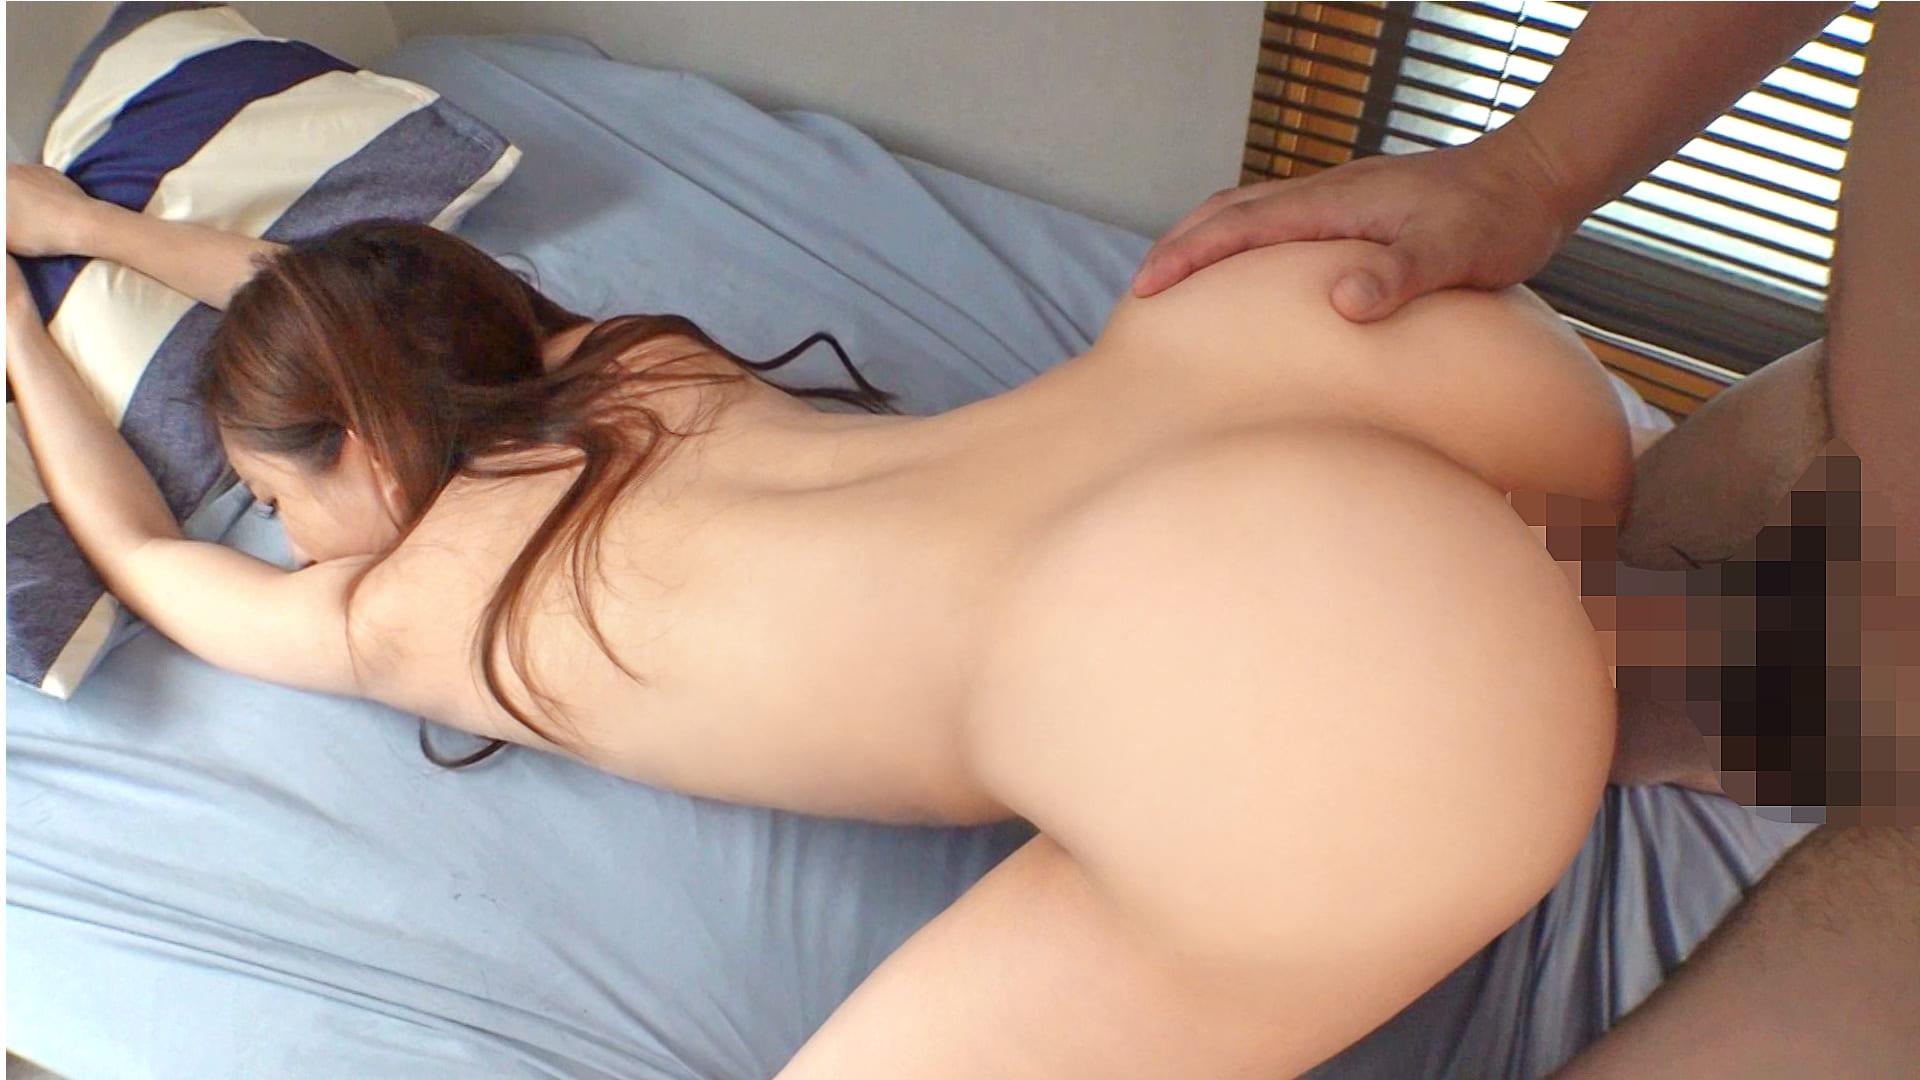 まだまだ性欲は収まらず今度は彼氏のベッドに移り激しく乱れ合う